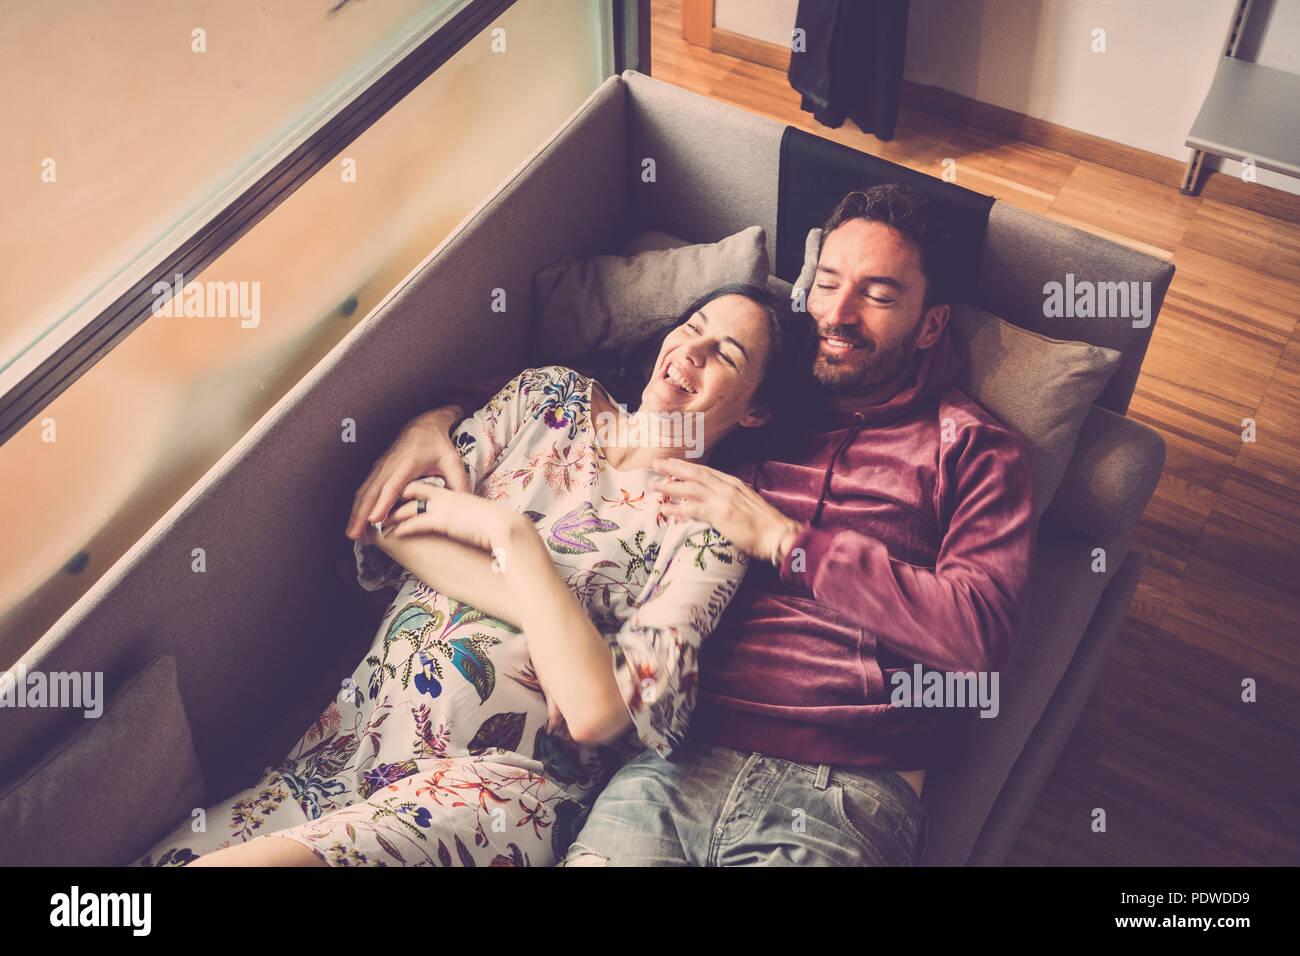 Schöne paar Modelle legte sich auf das Sofa zu Hause genießen Sie den Lebensstil und entspannend. Lächeln und fröhliche Menschen in der Freizeit indoor Stockbild